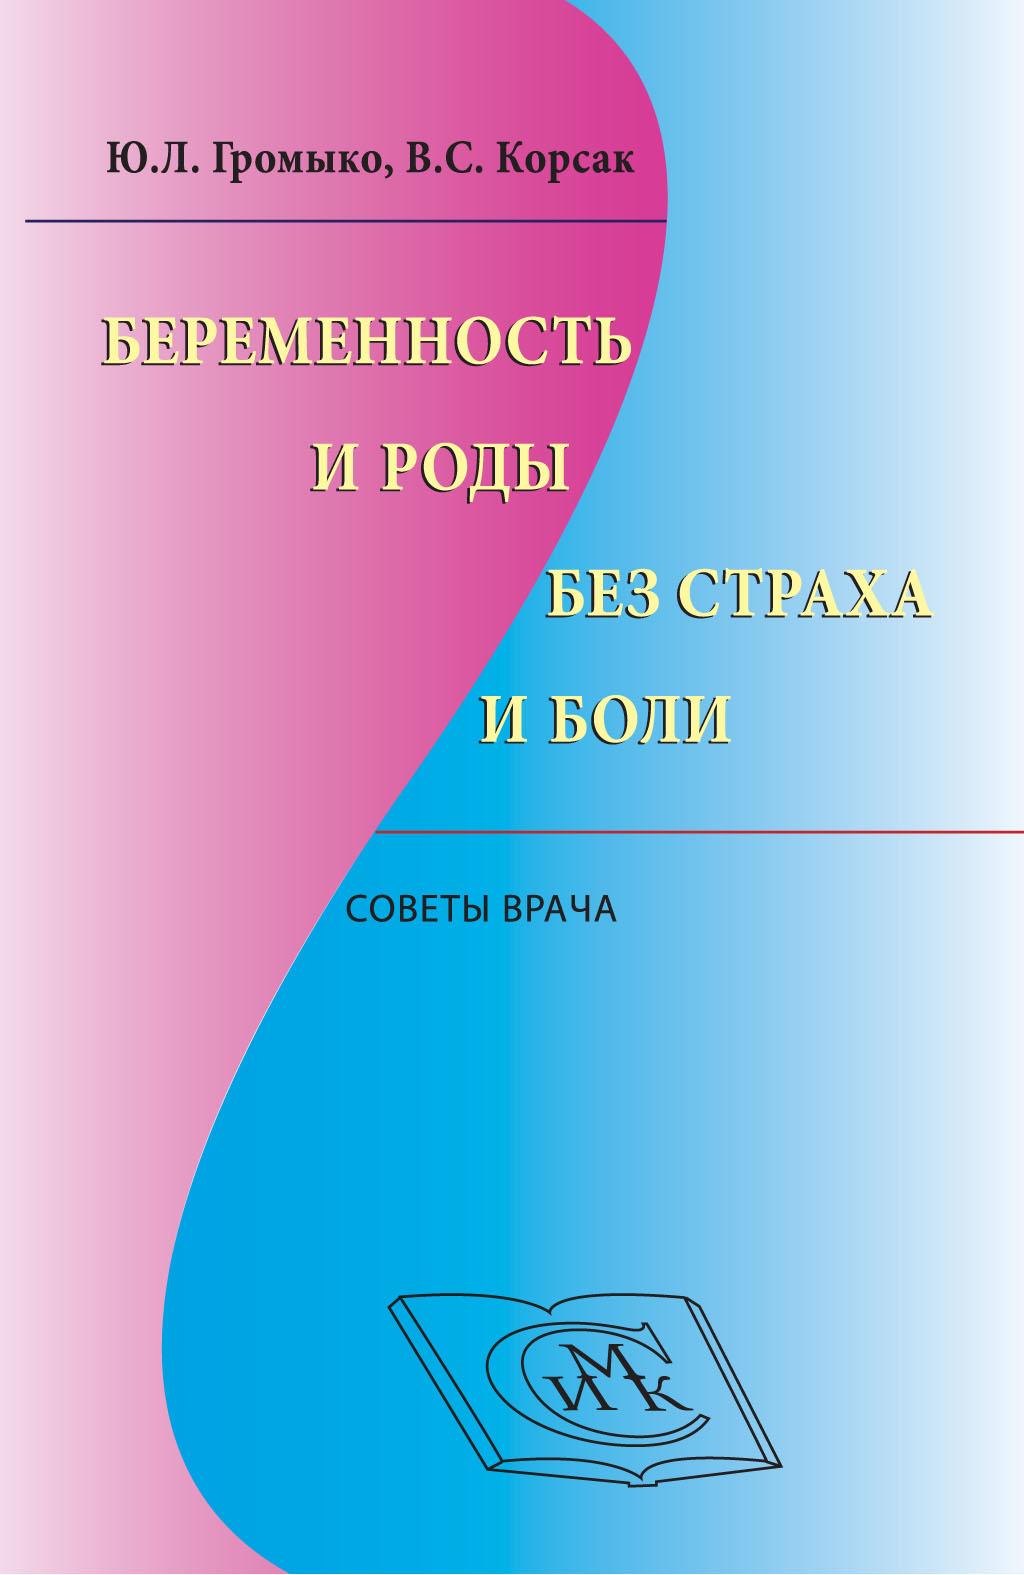 В. С. Корсак Беременность и роды без страха боли. Советы врача